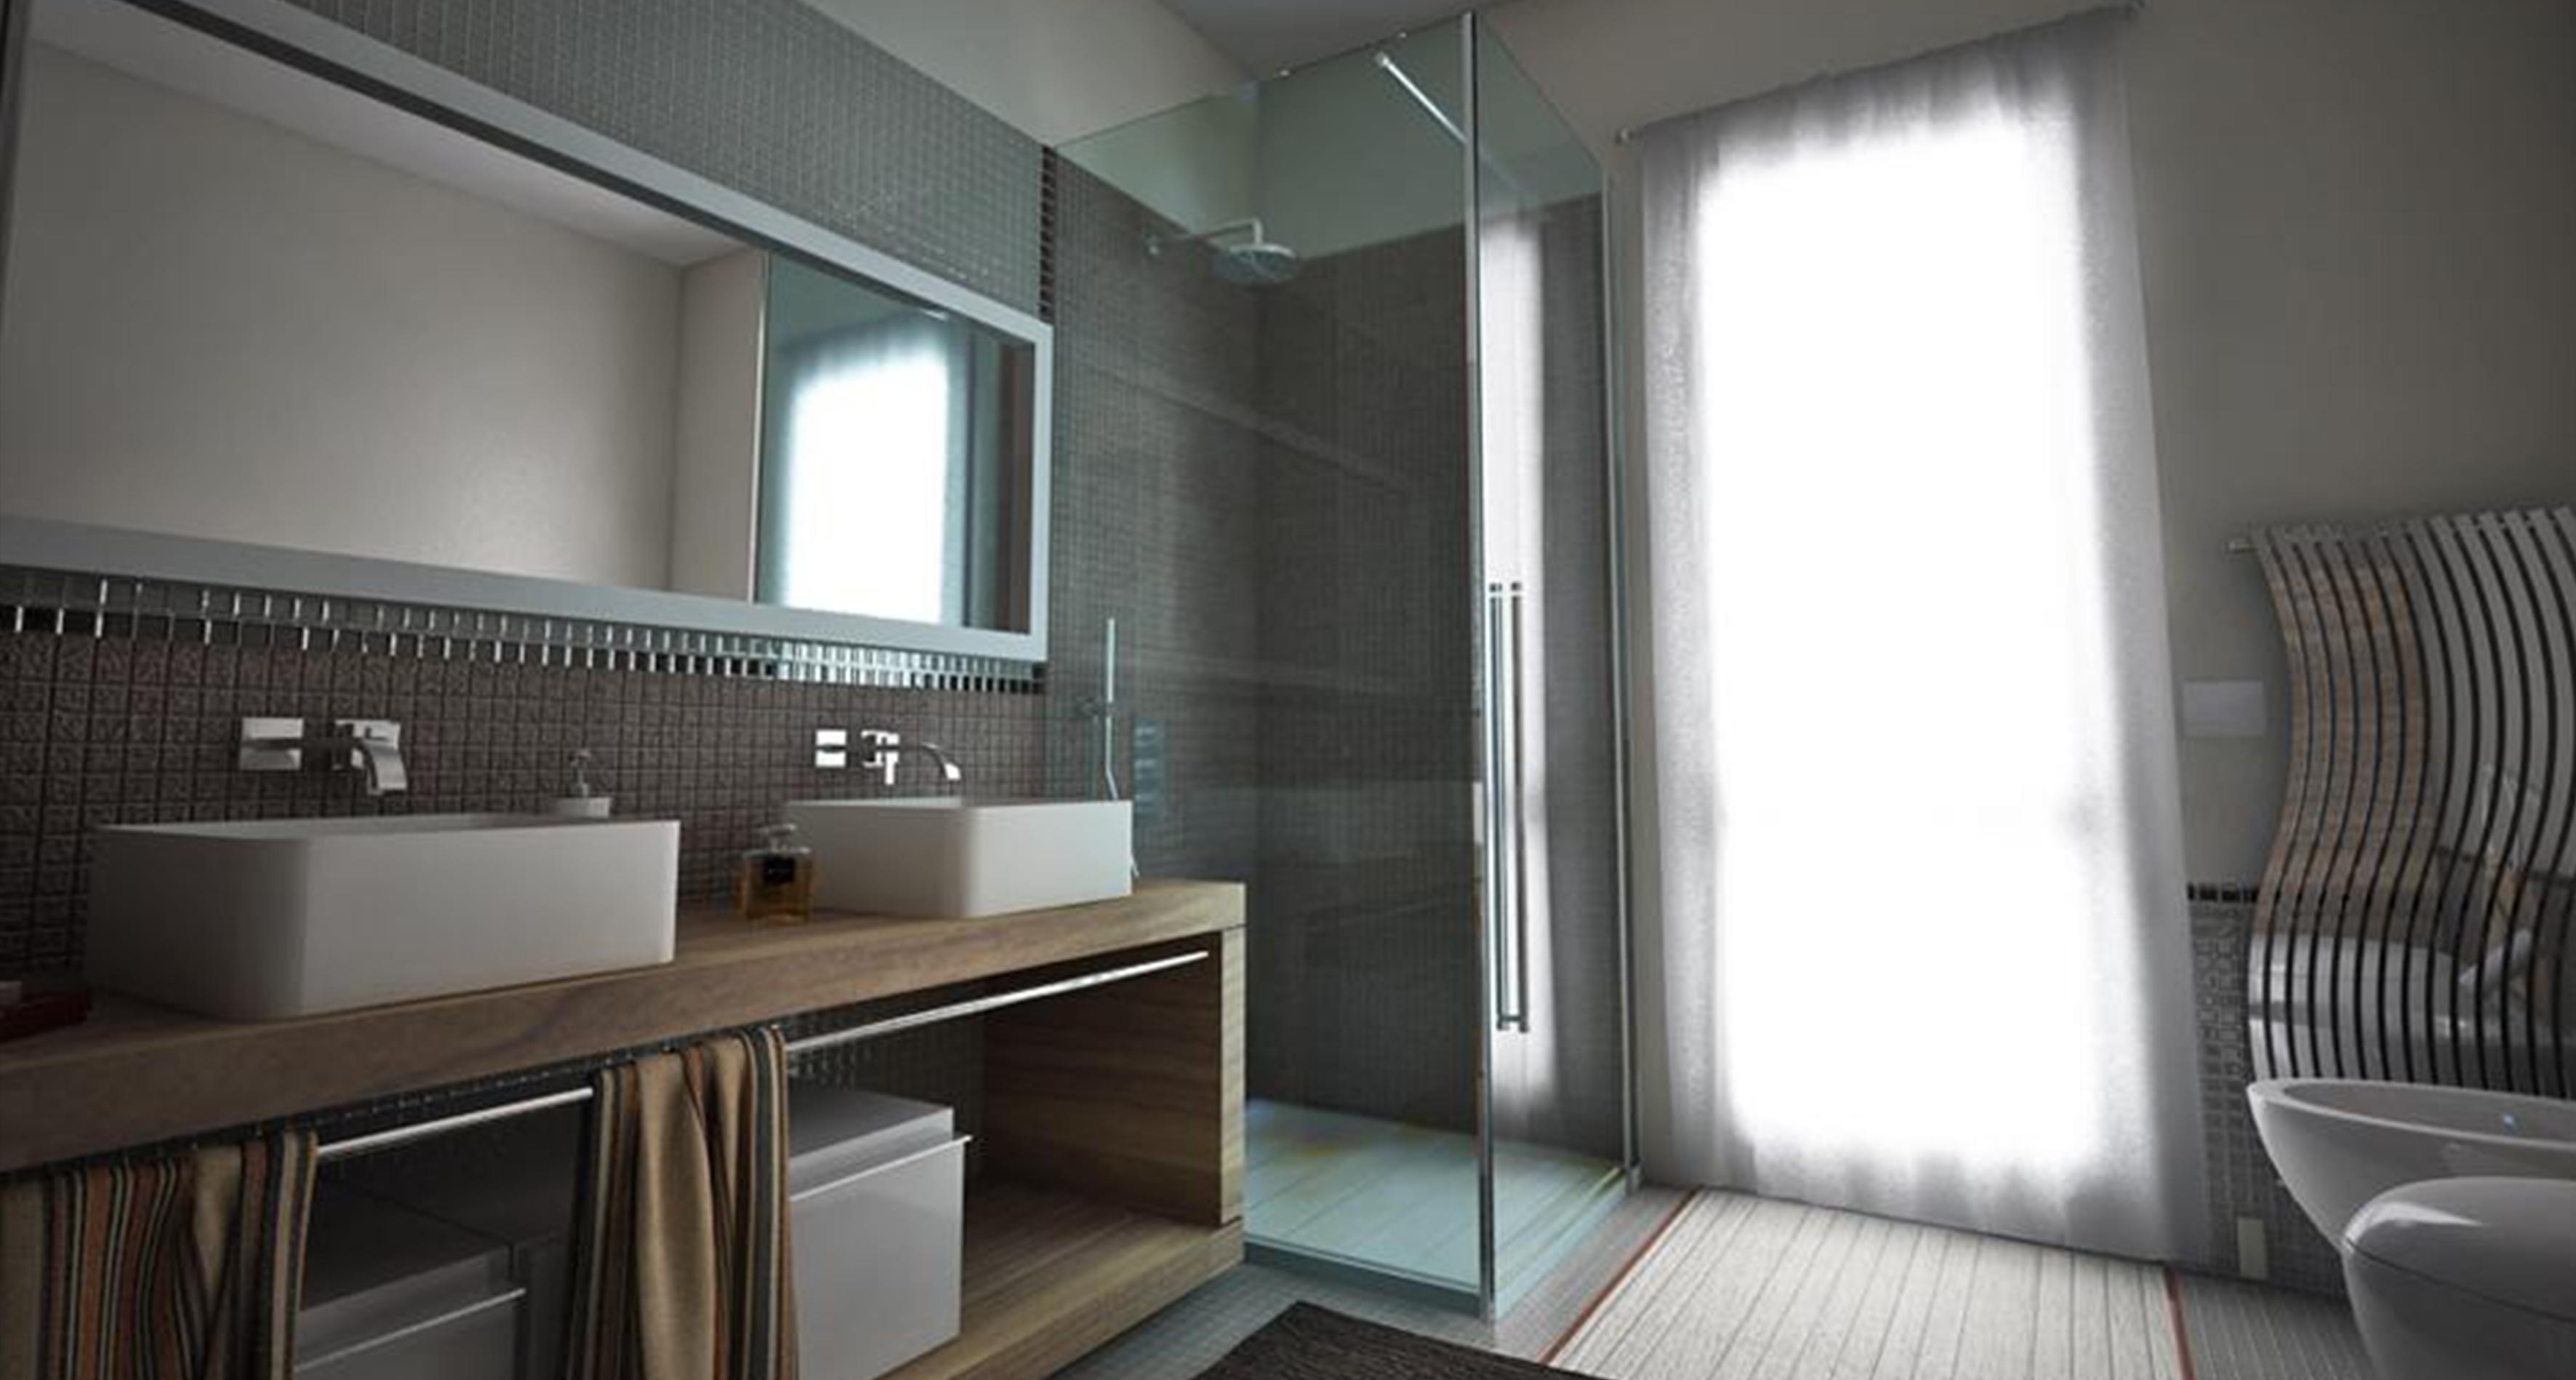 domotique salle de bains ave touch - Domotique Salle De Bain